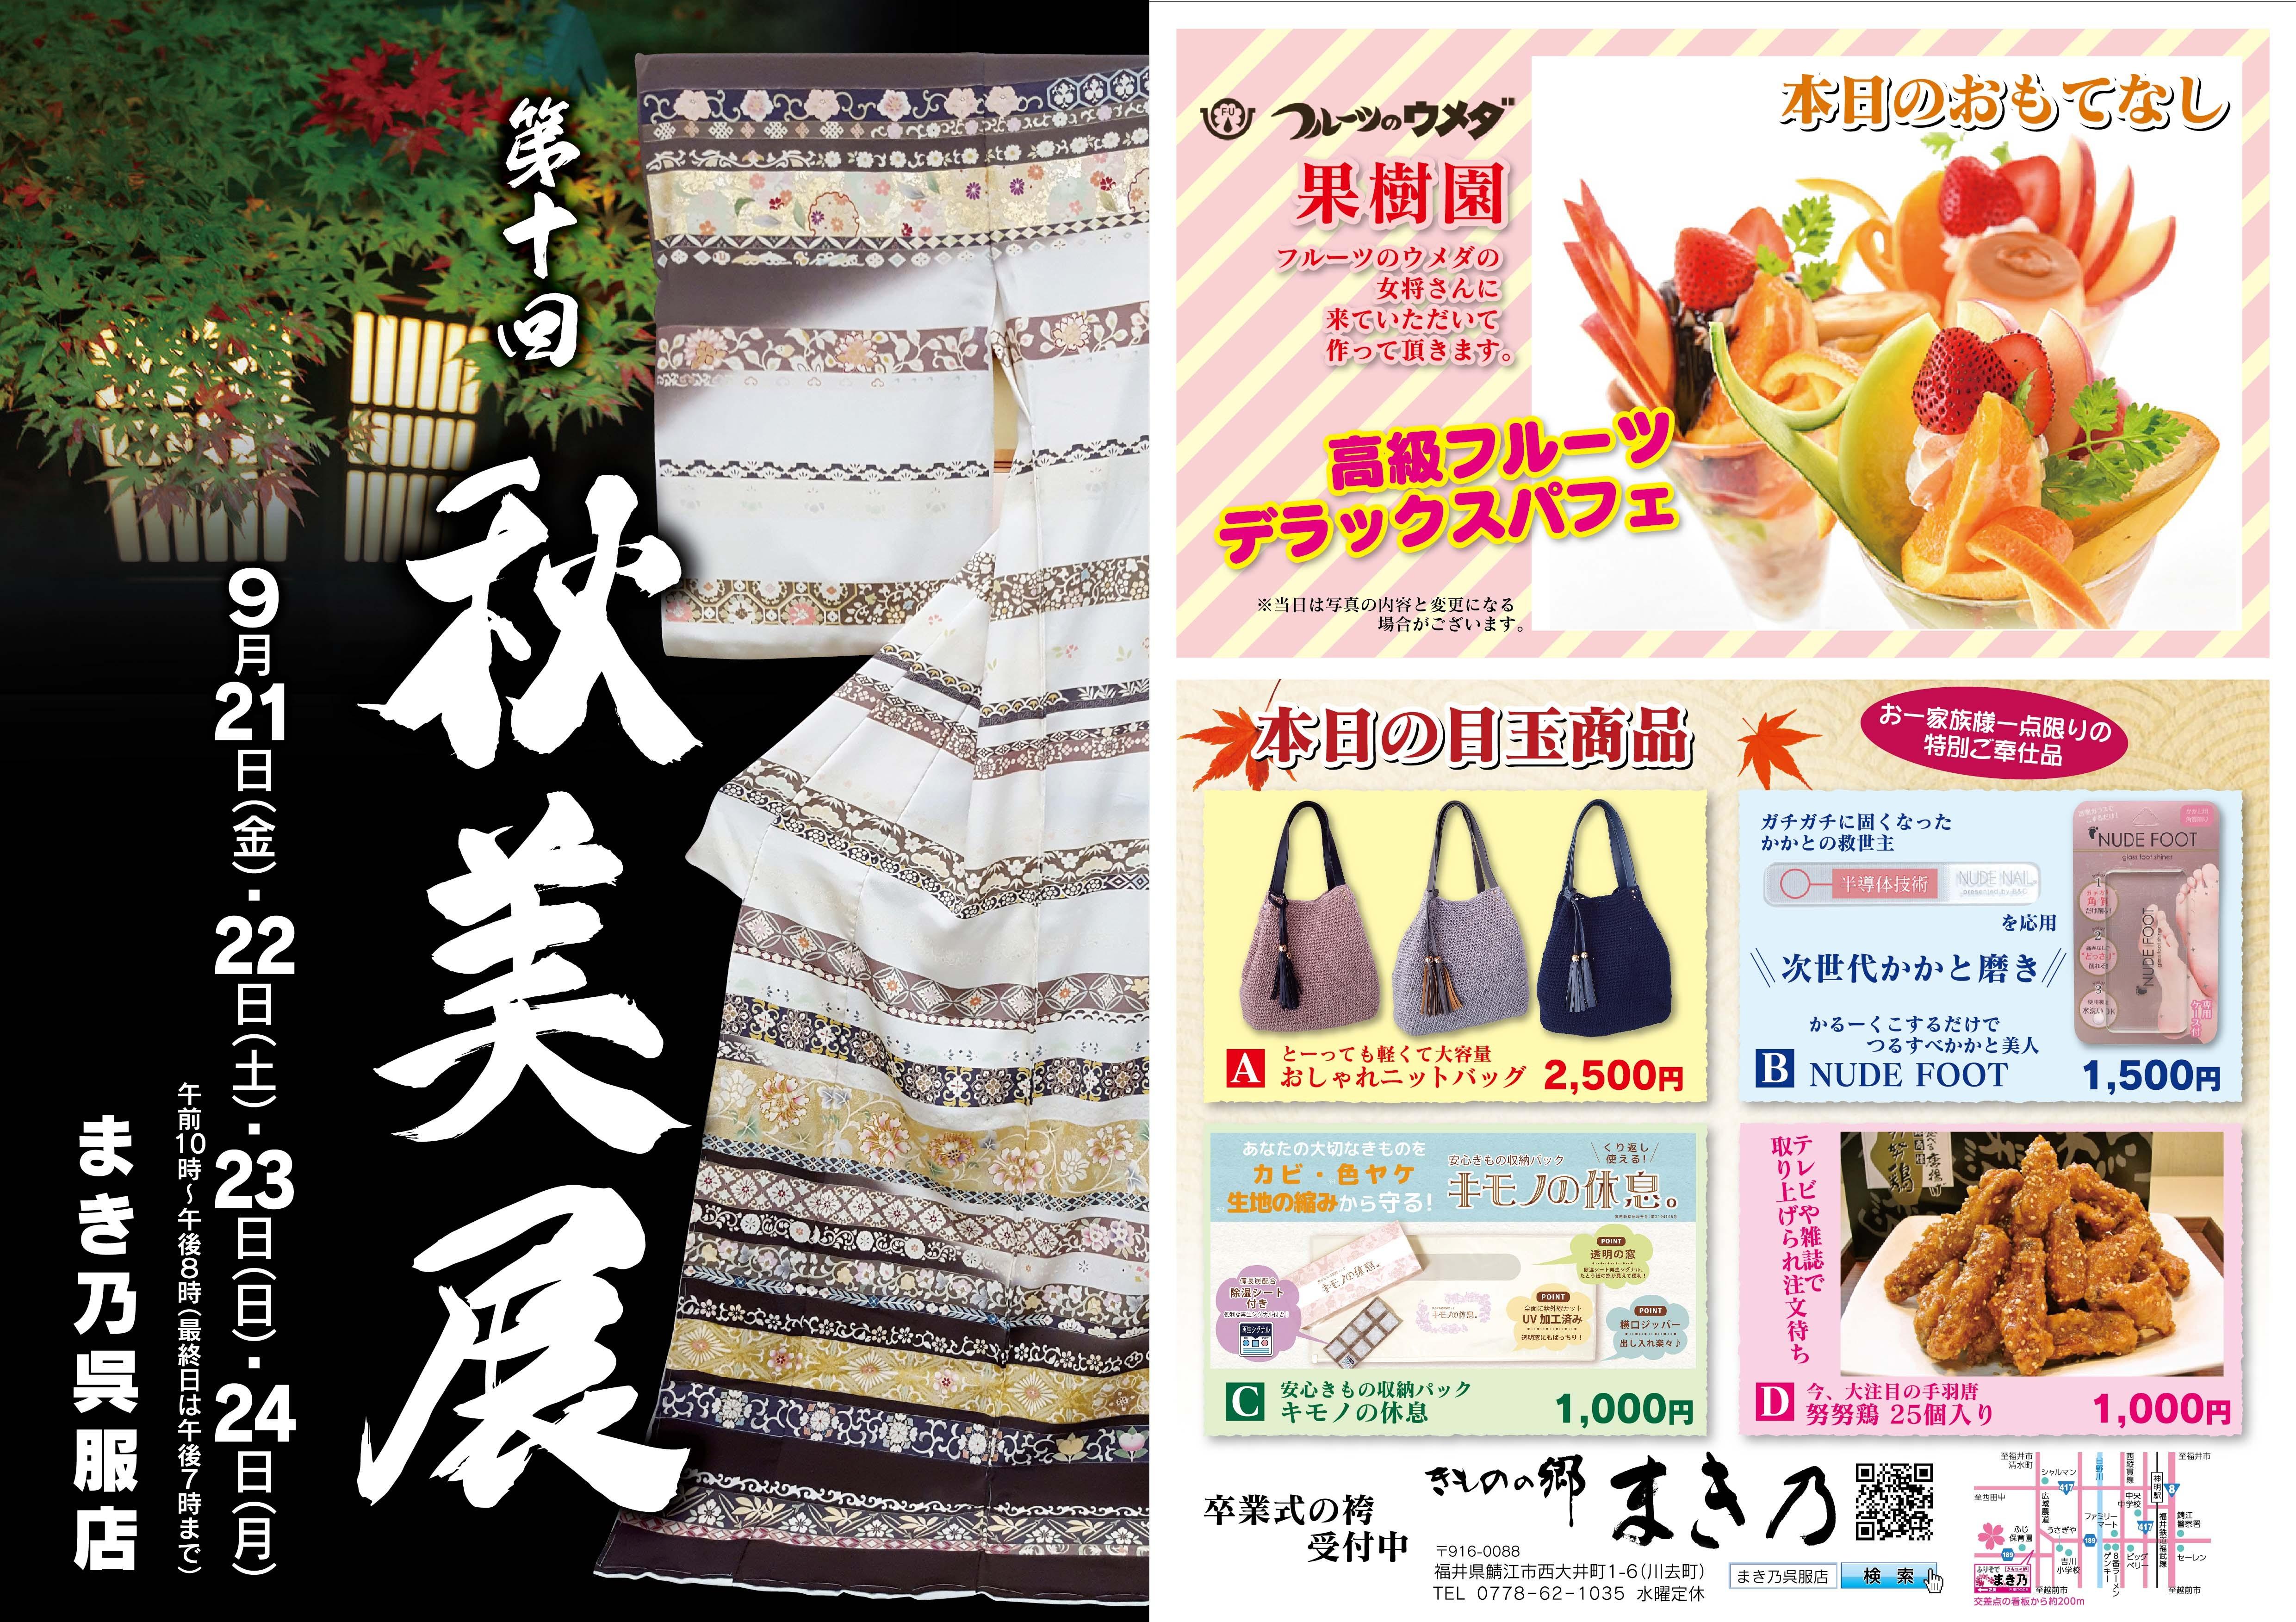 秋の大イベント秋美展  9月21日(金)~24日(月)